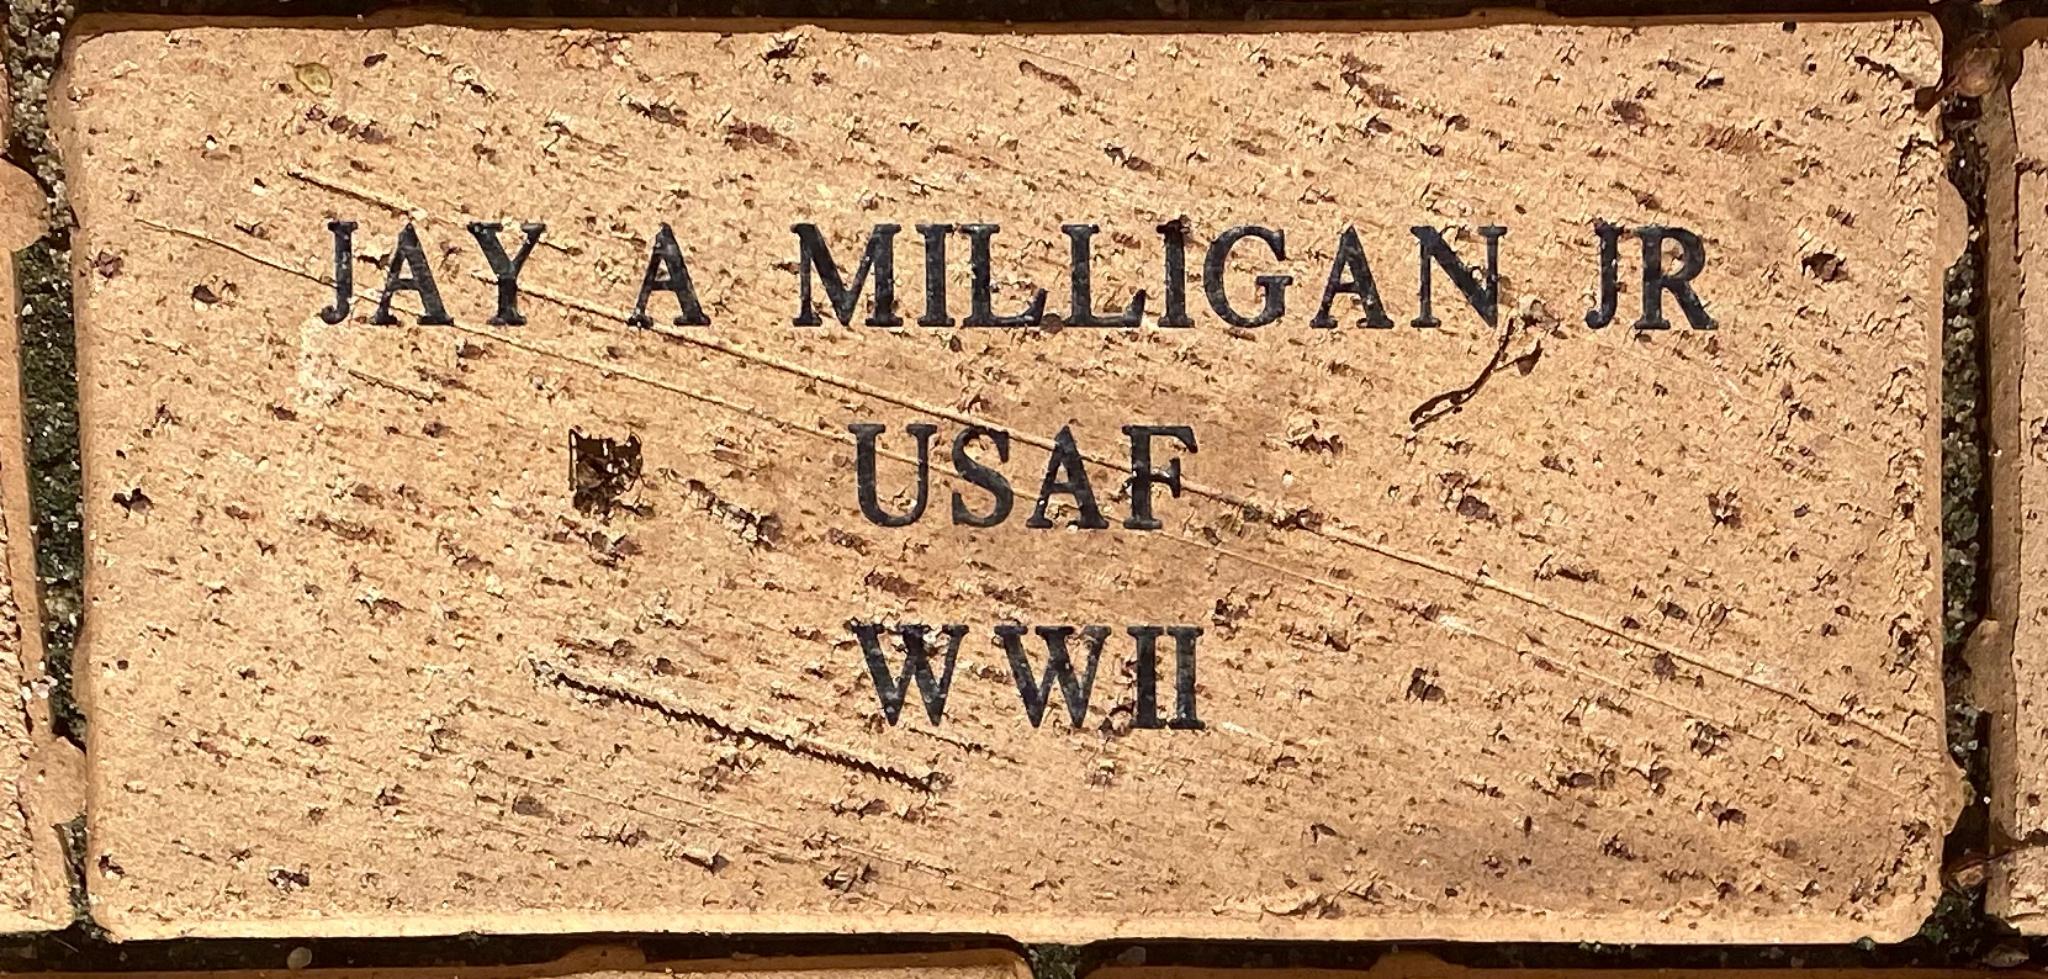 JAY A MILLIGAN JR USAF WWII